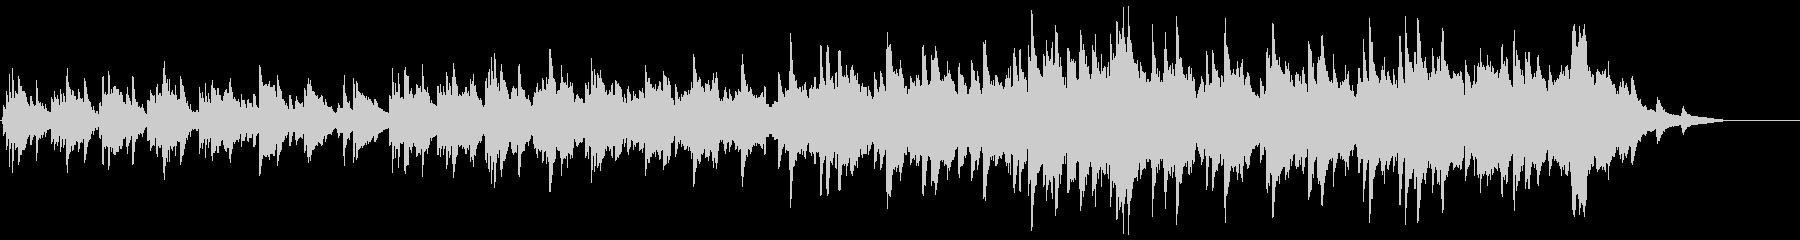 ファミリエの未再生の波形